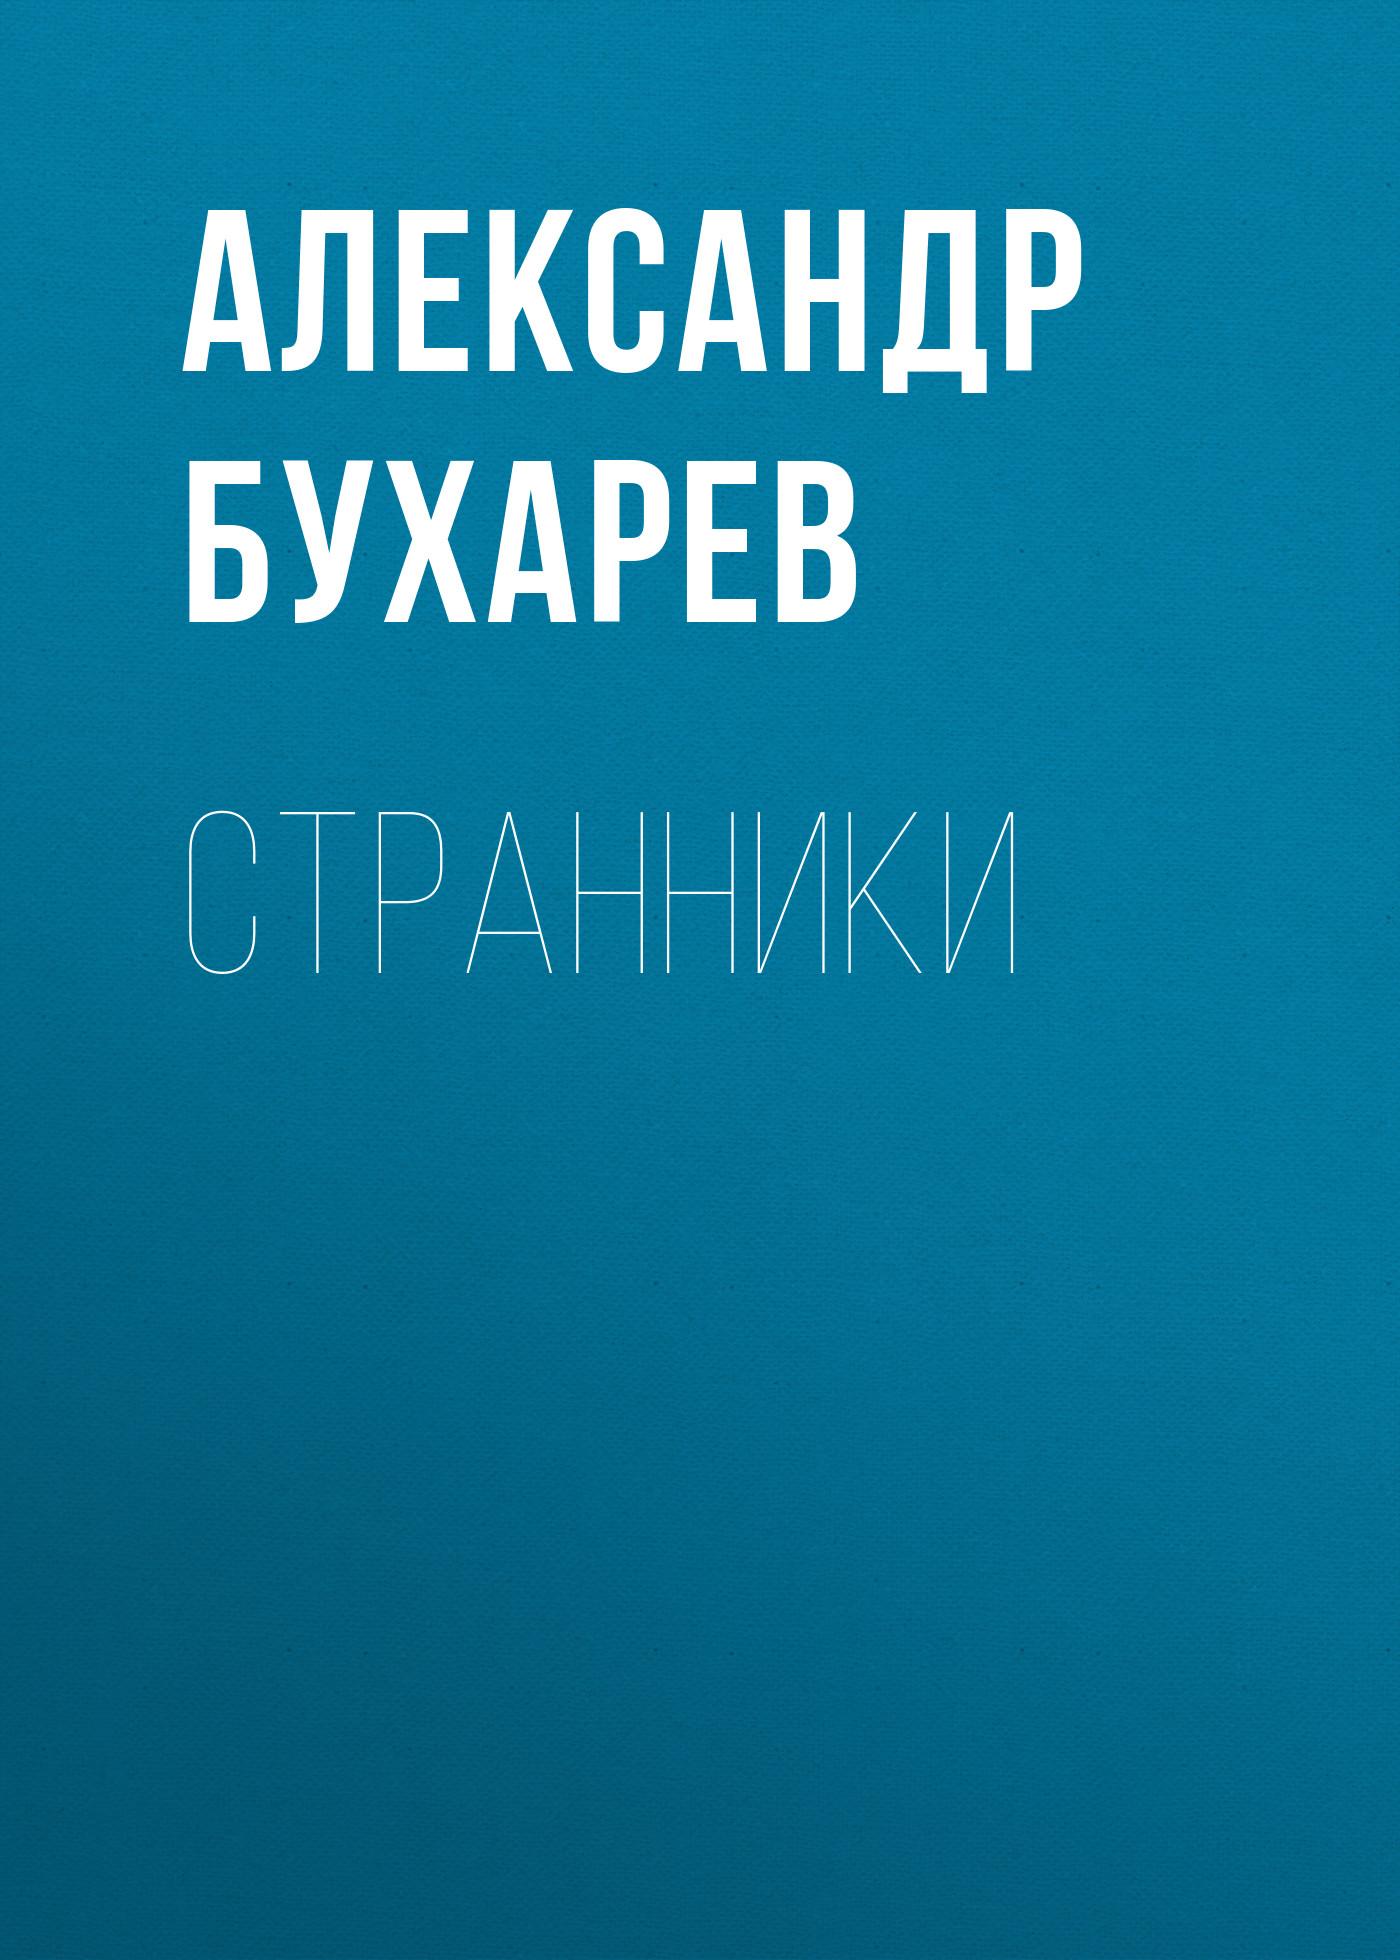 Александр Бухарев Странники александр смородинцев беседы о вирусах